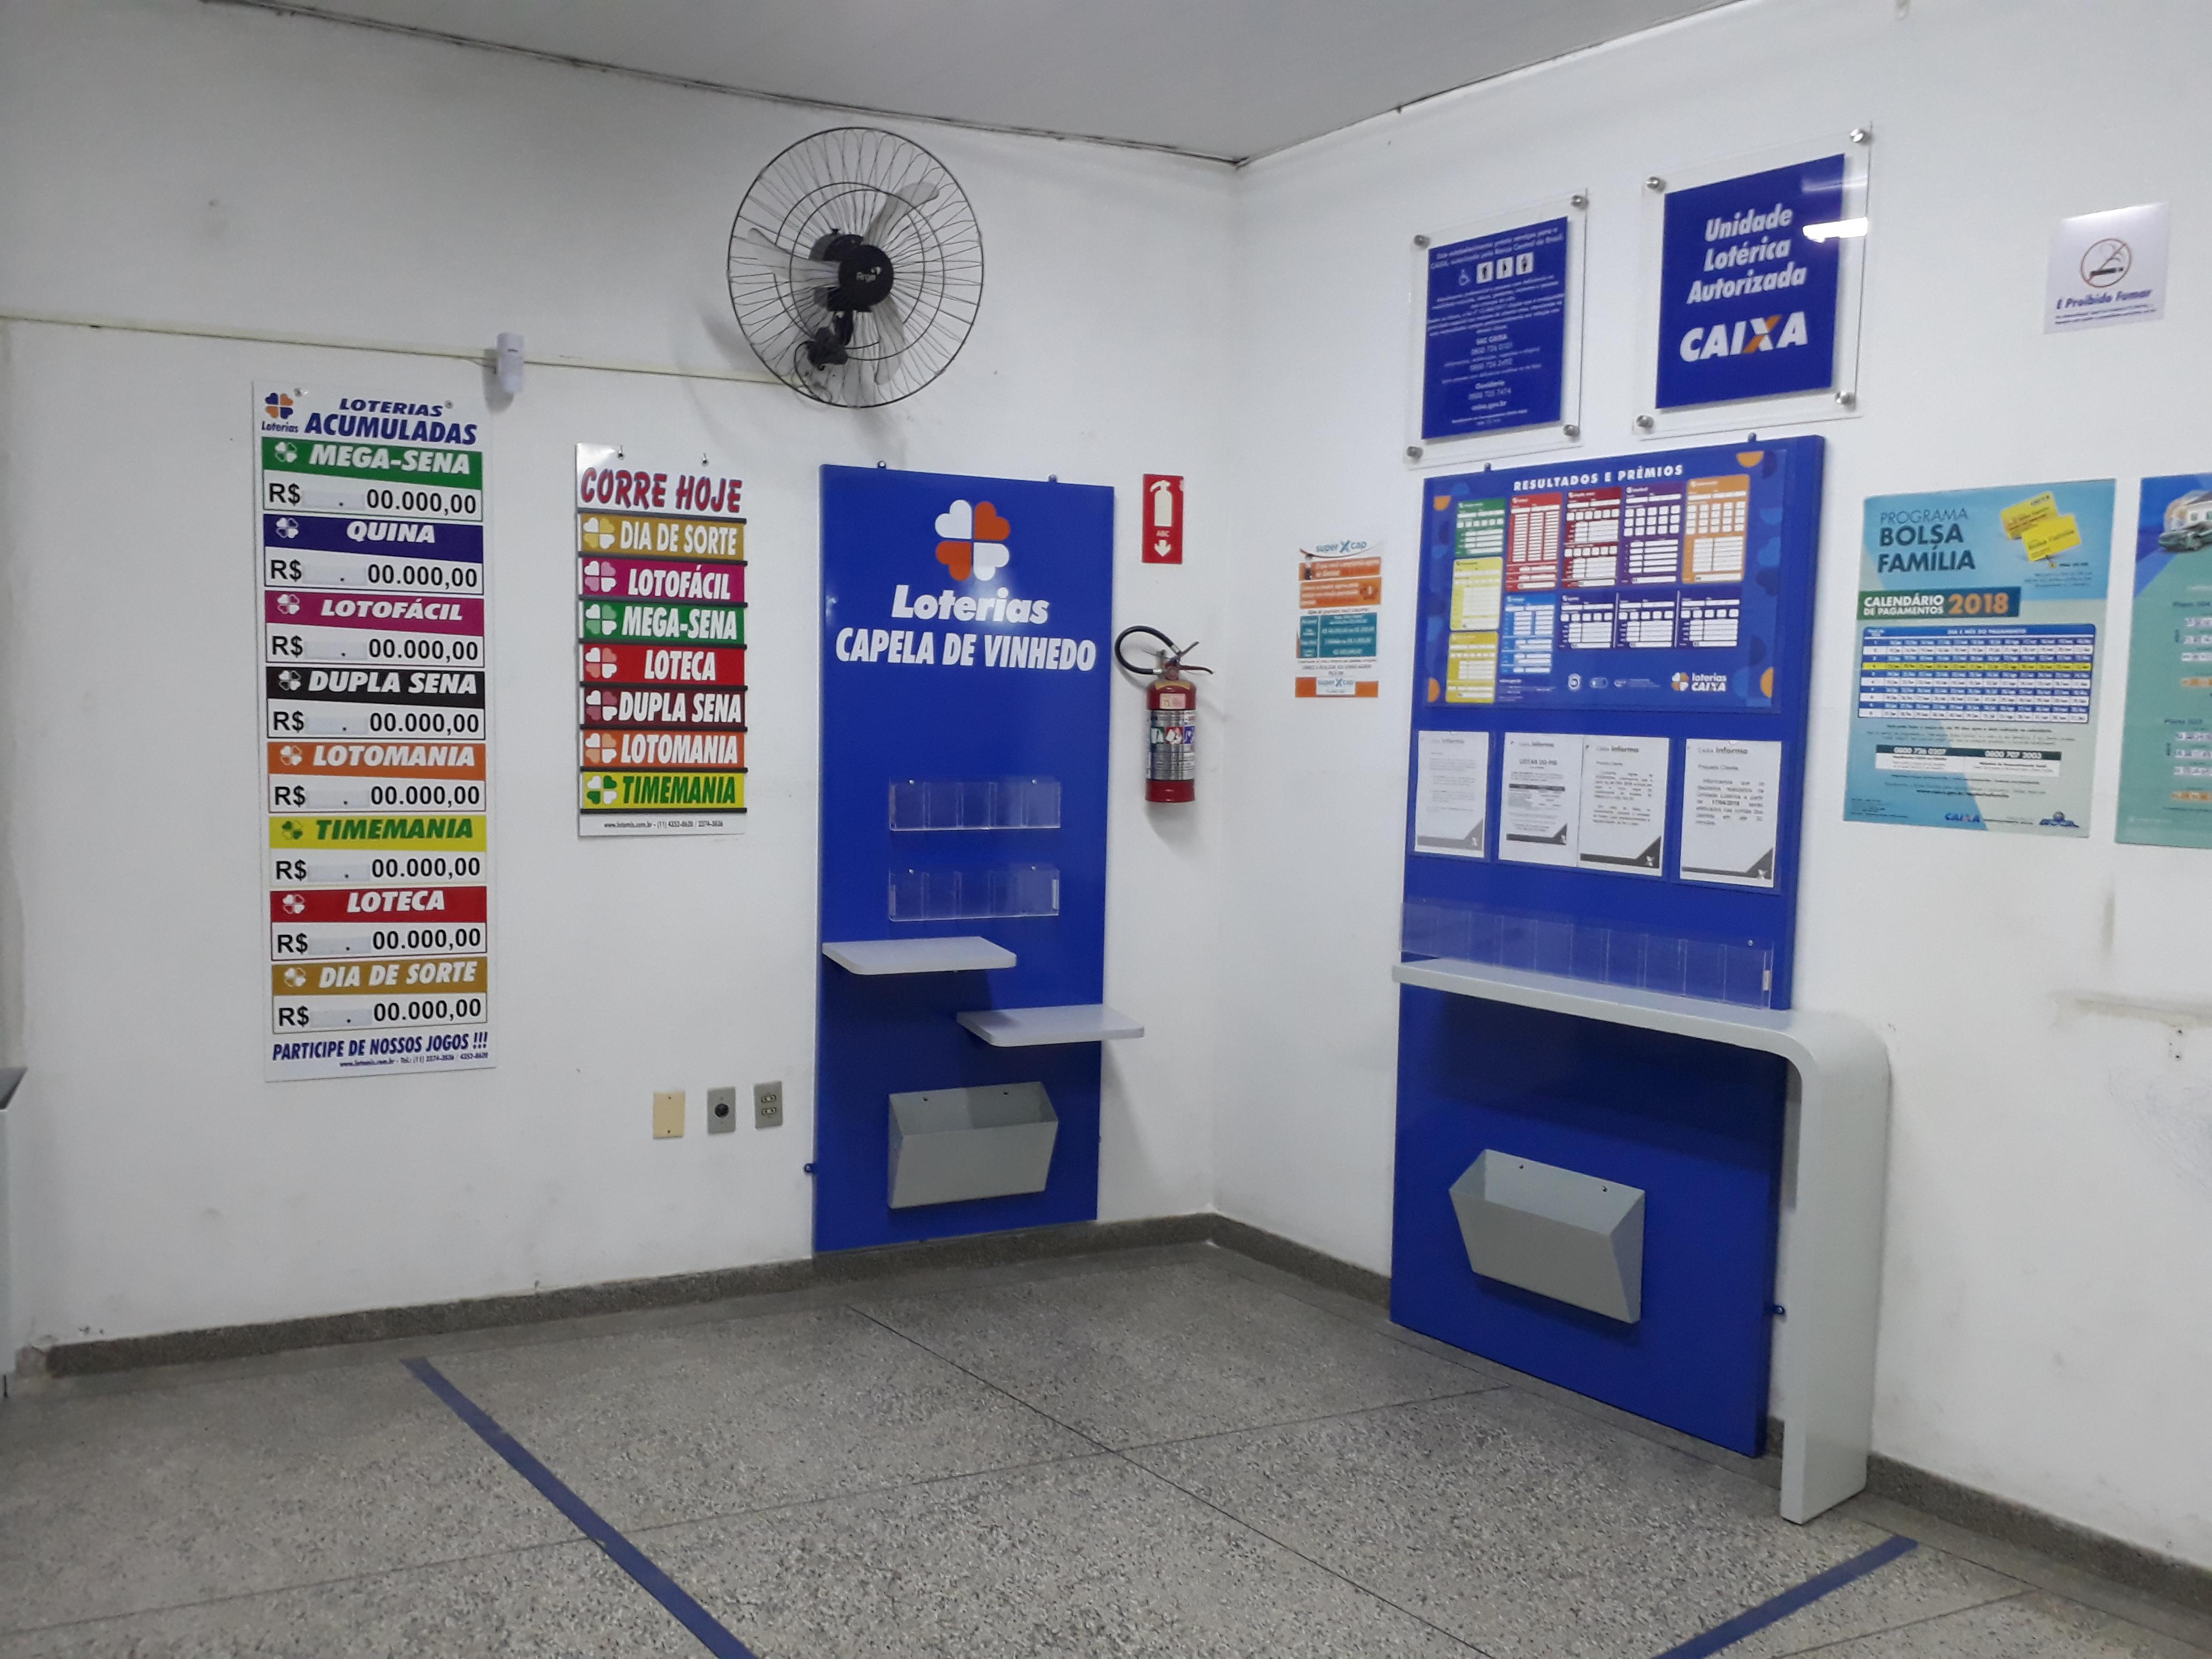 Novo Padrão das Lotéricas | LotoMIX